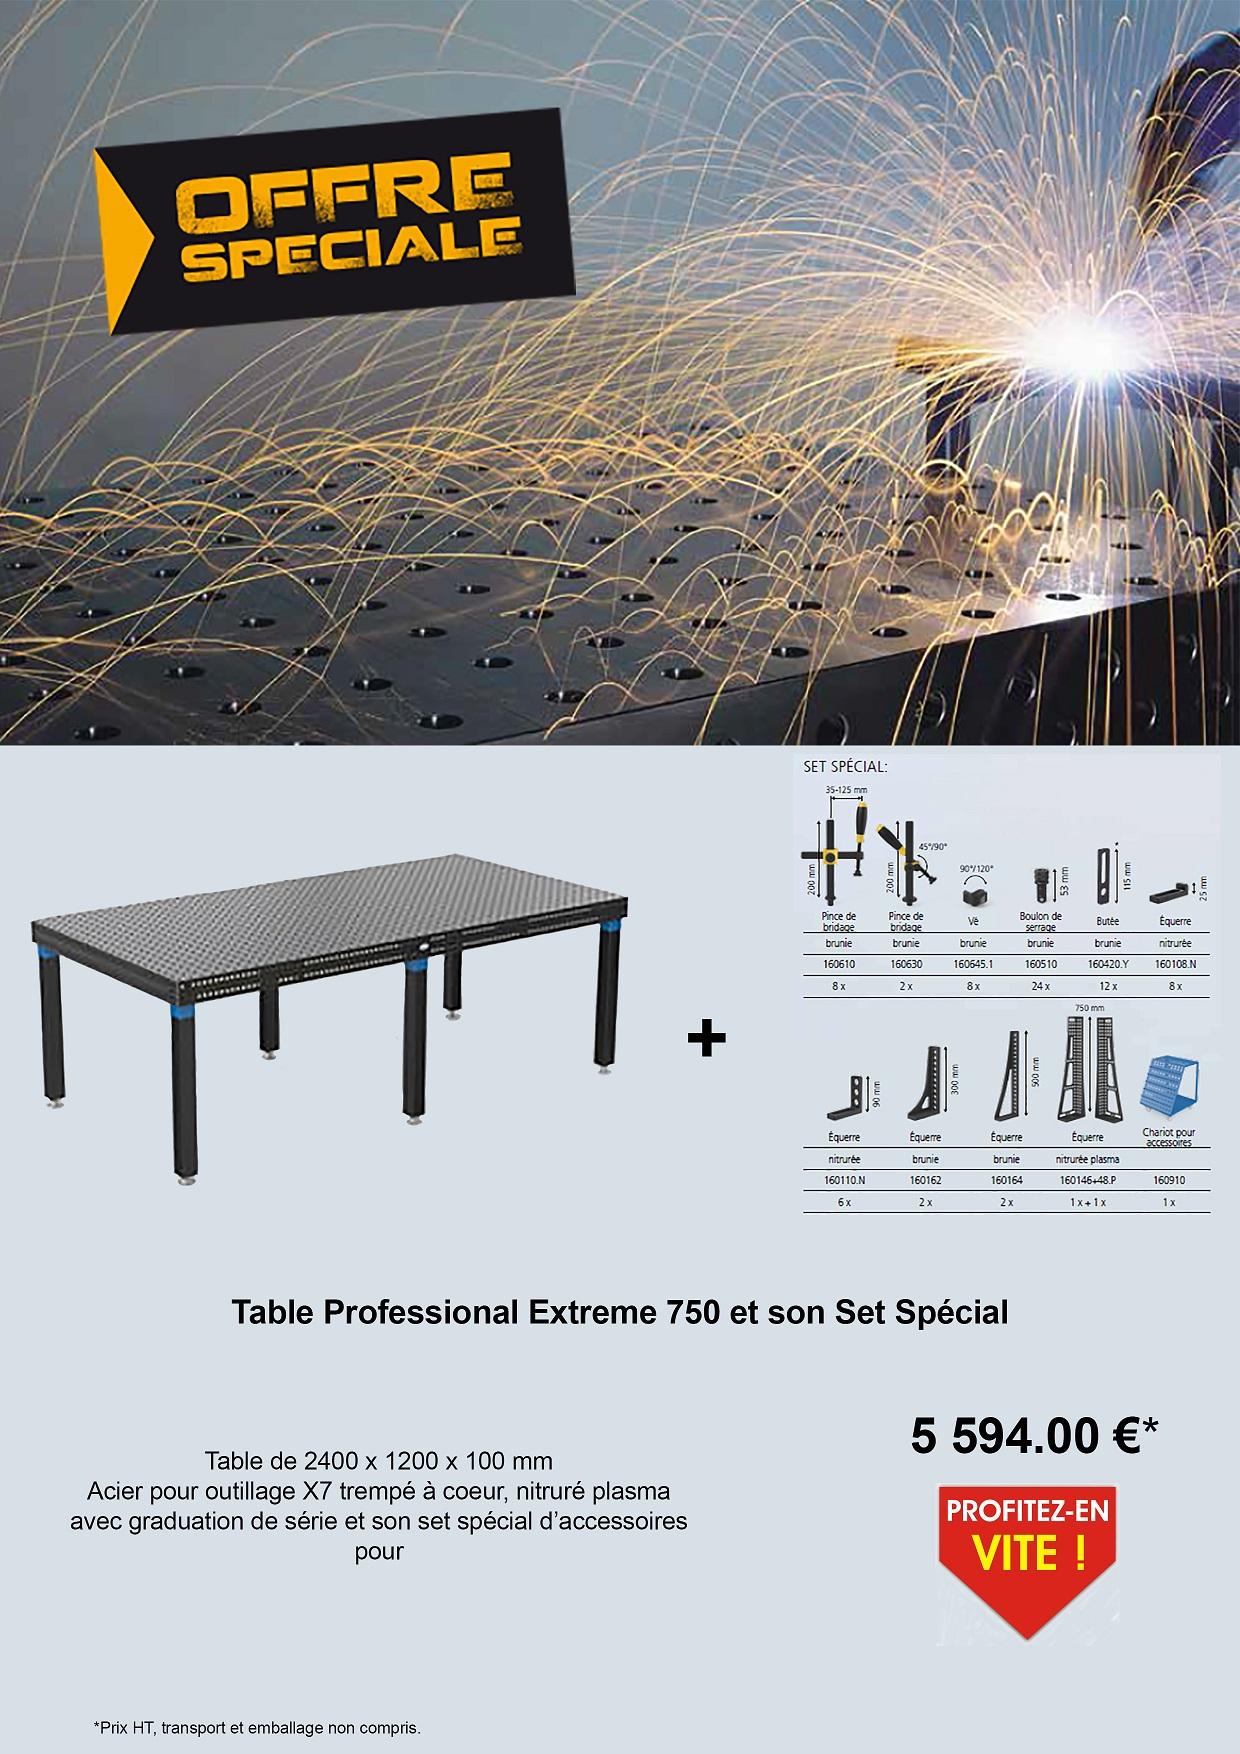 promo table et set d'accessoires